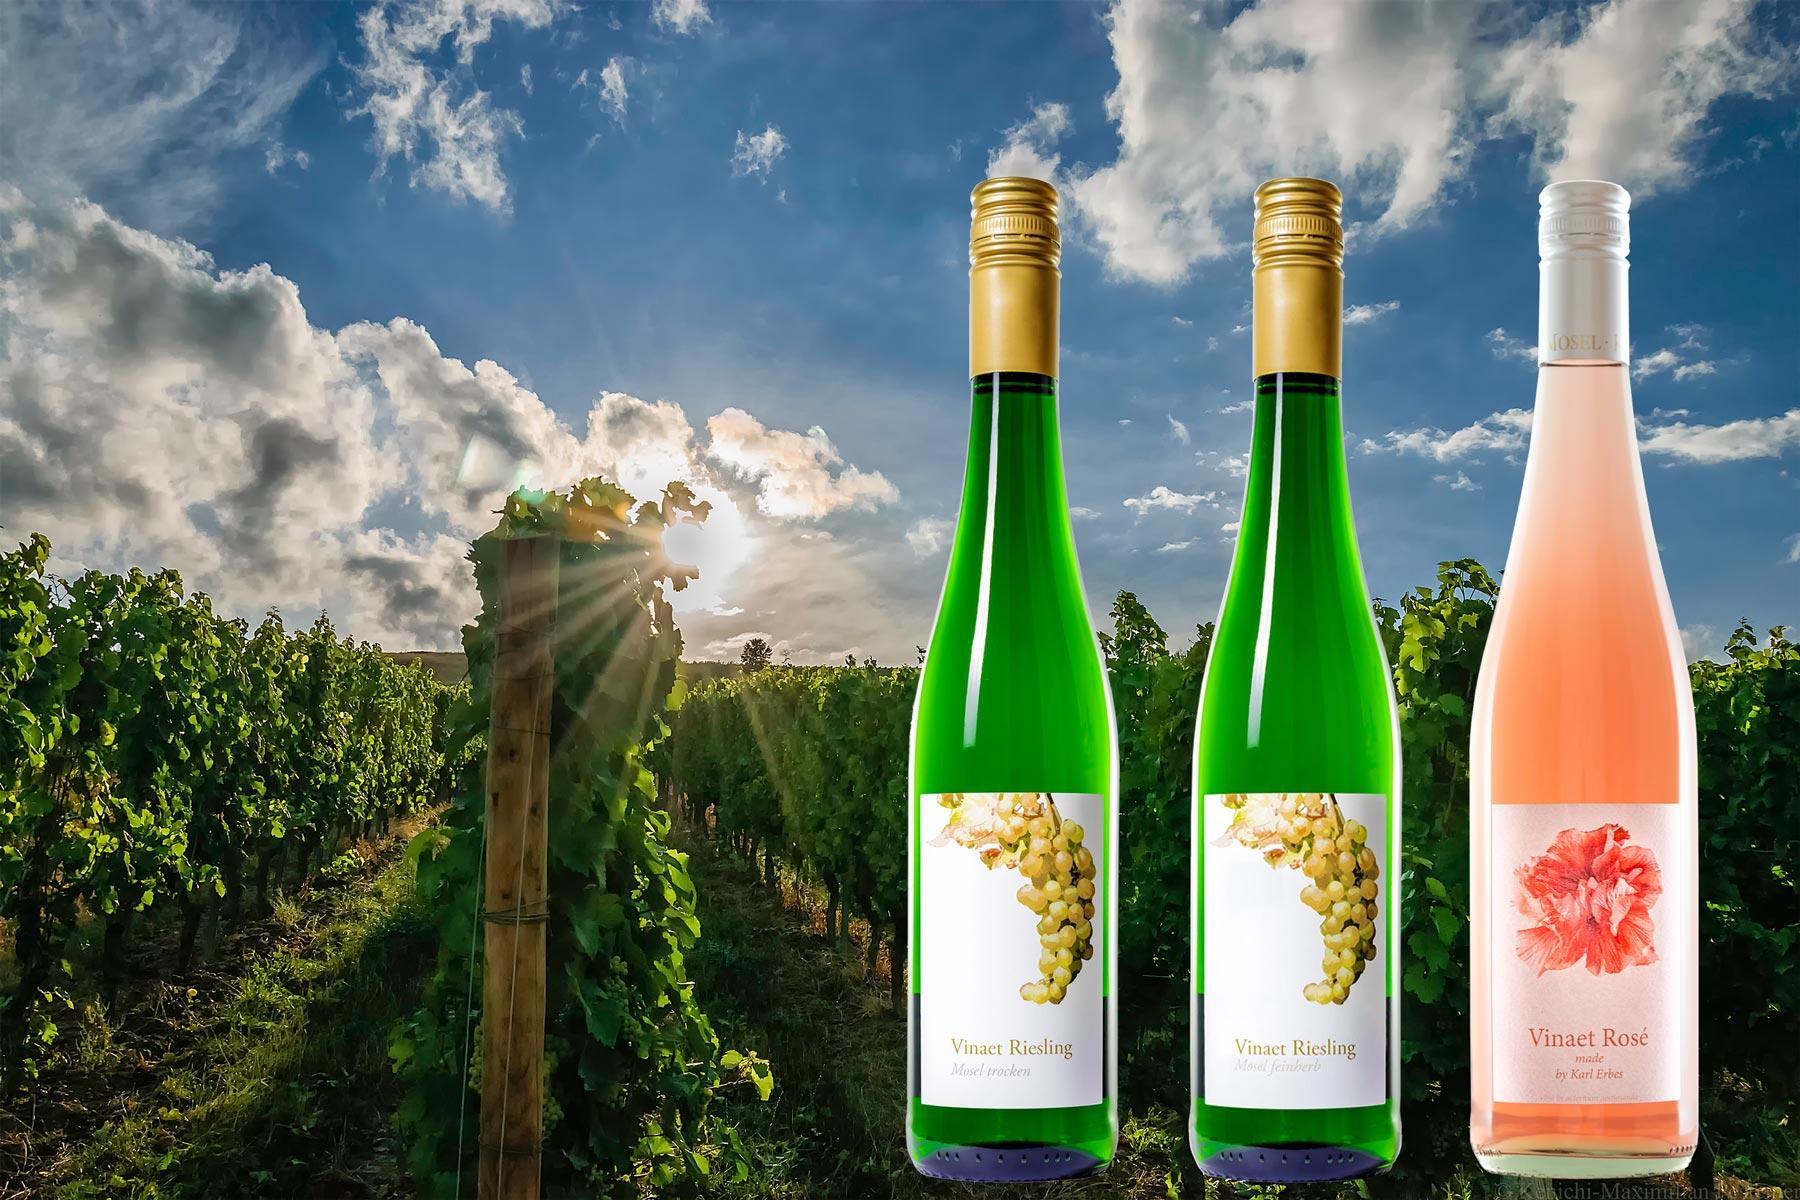 Auf dem Bild erkennt man rechts drei Weinflaschen. Davon sind zwei Vinaet Rieslinge und eine Flasche ist ein Vinaet Rosé made by Karl Erbes.